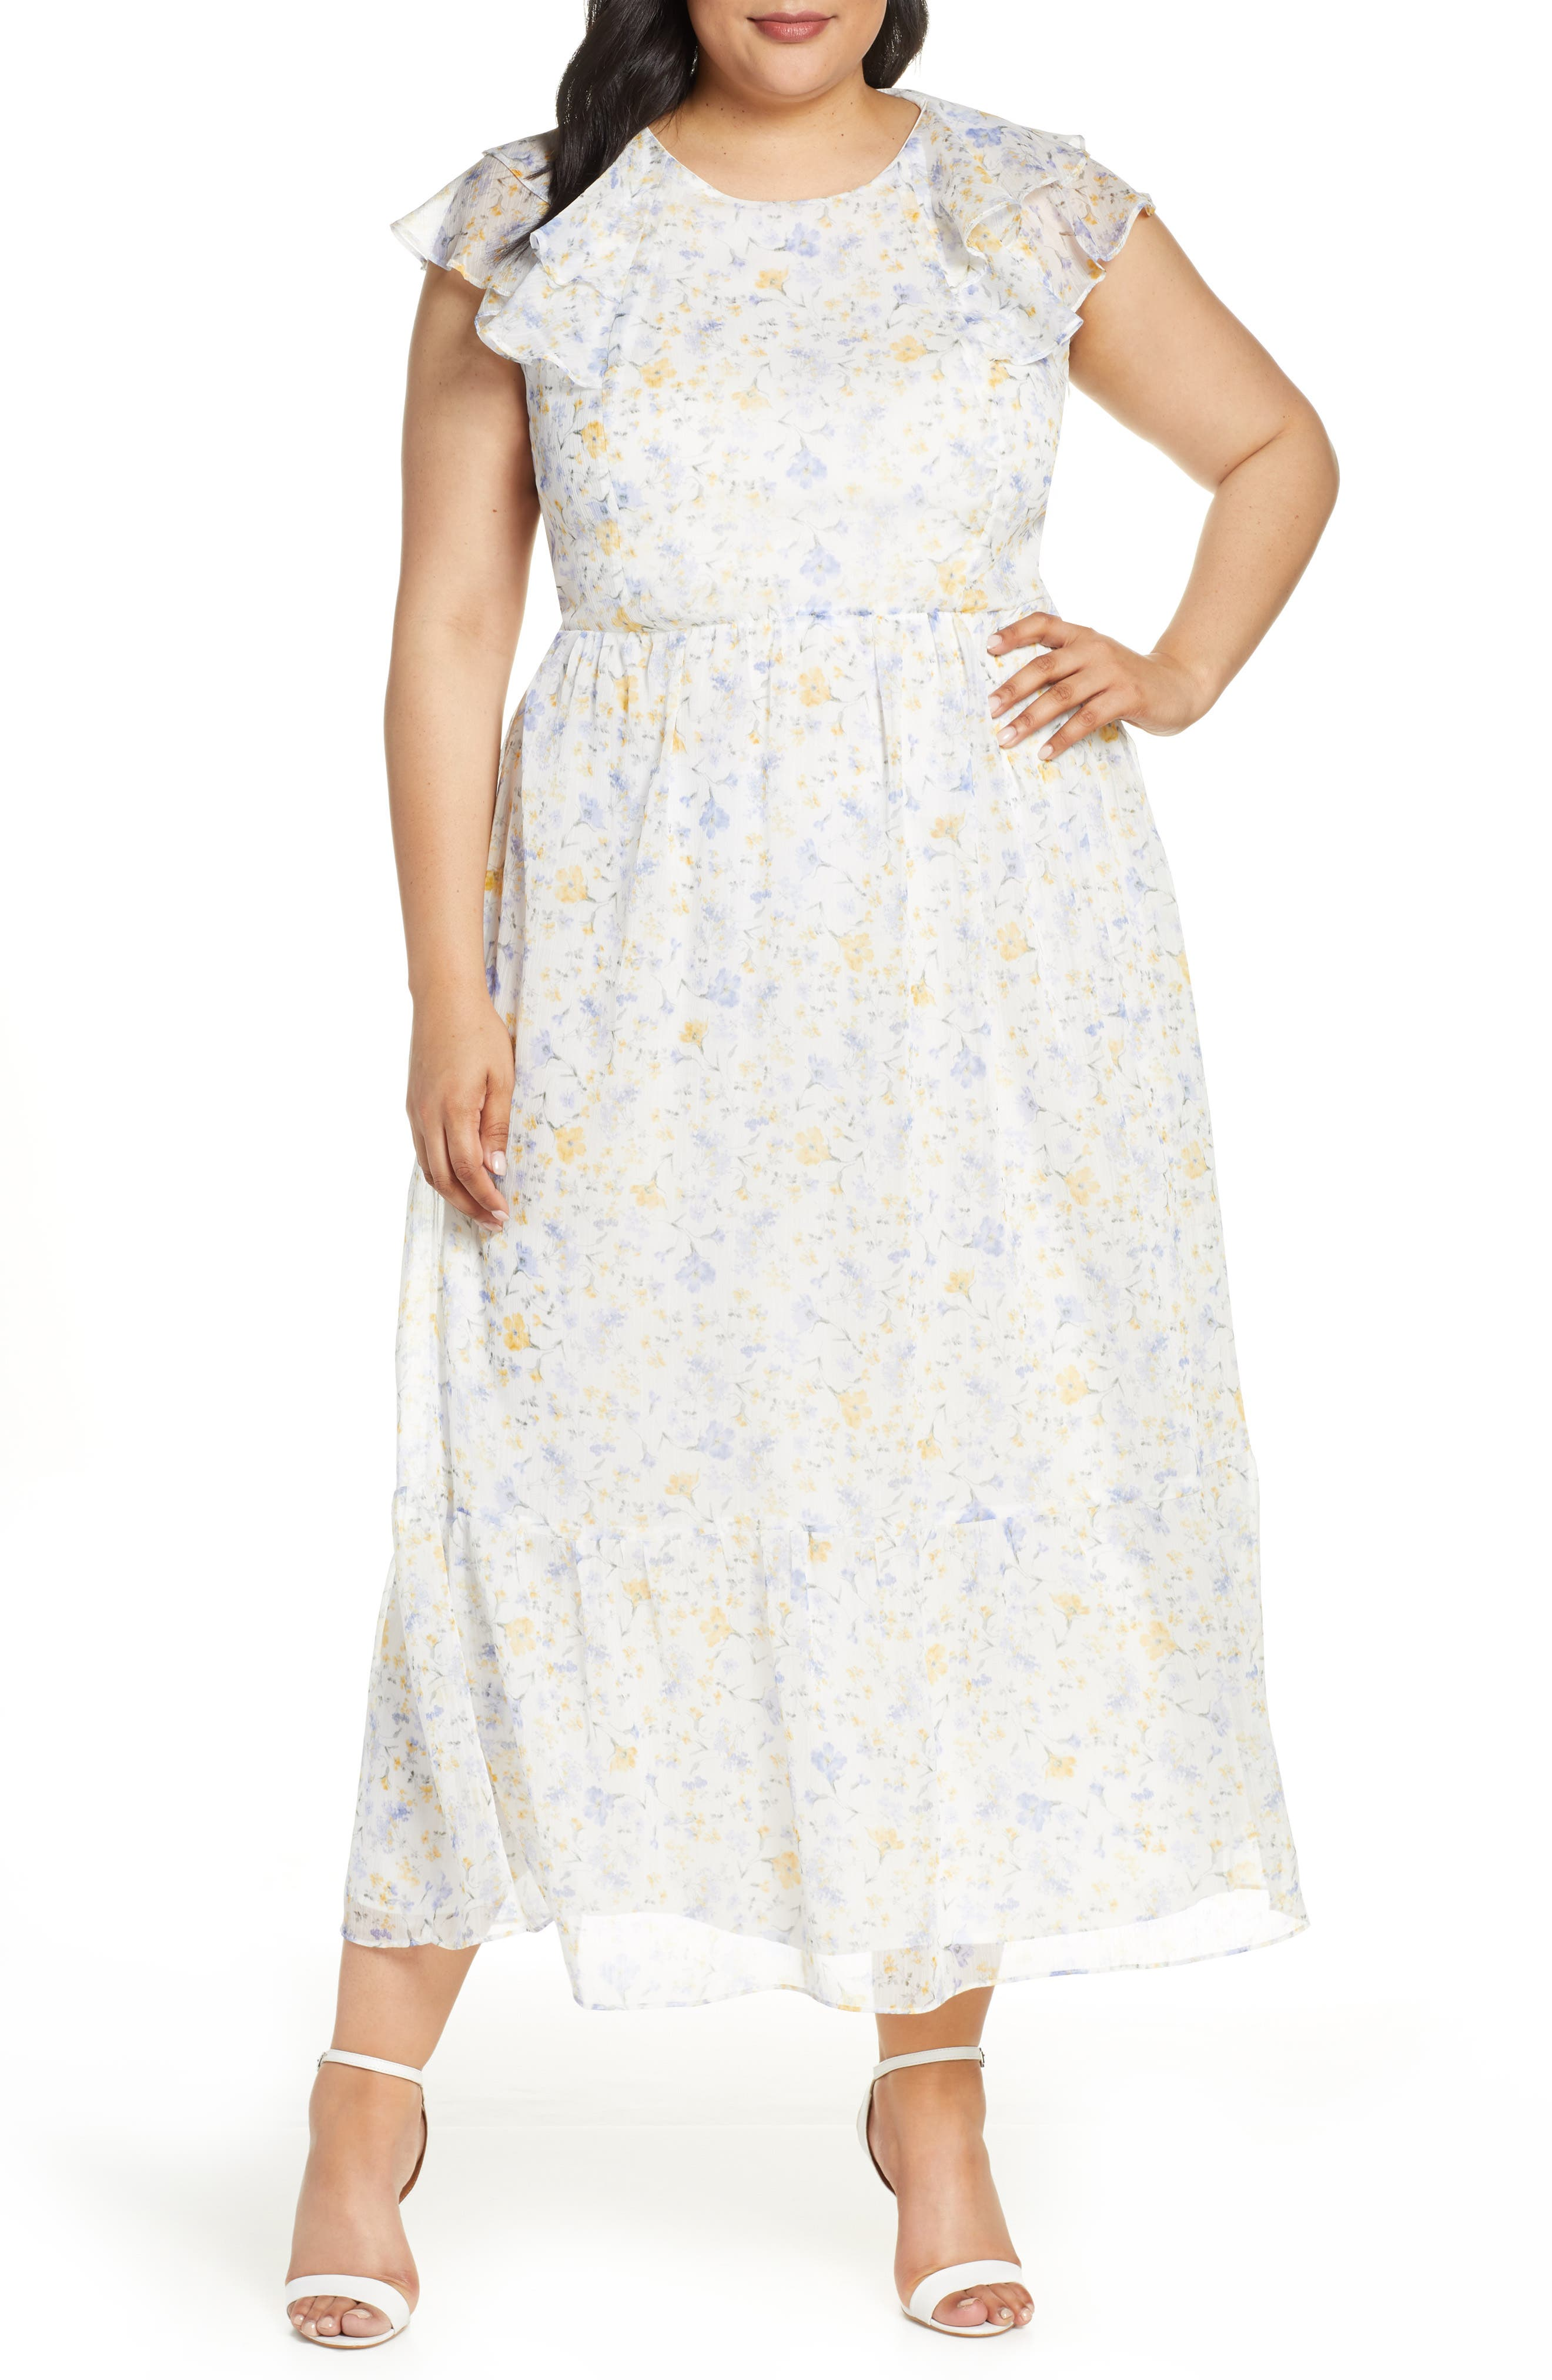 1930s Art Deco Plus Size Dresses | Tea Dresses, Party Dresses